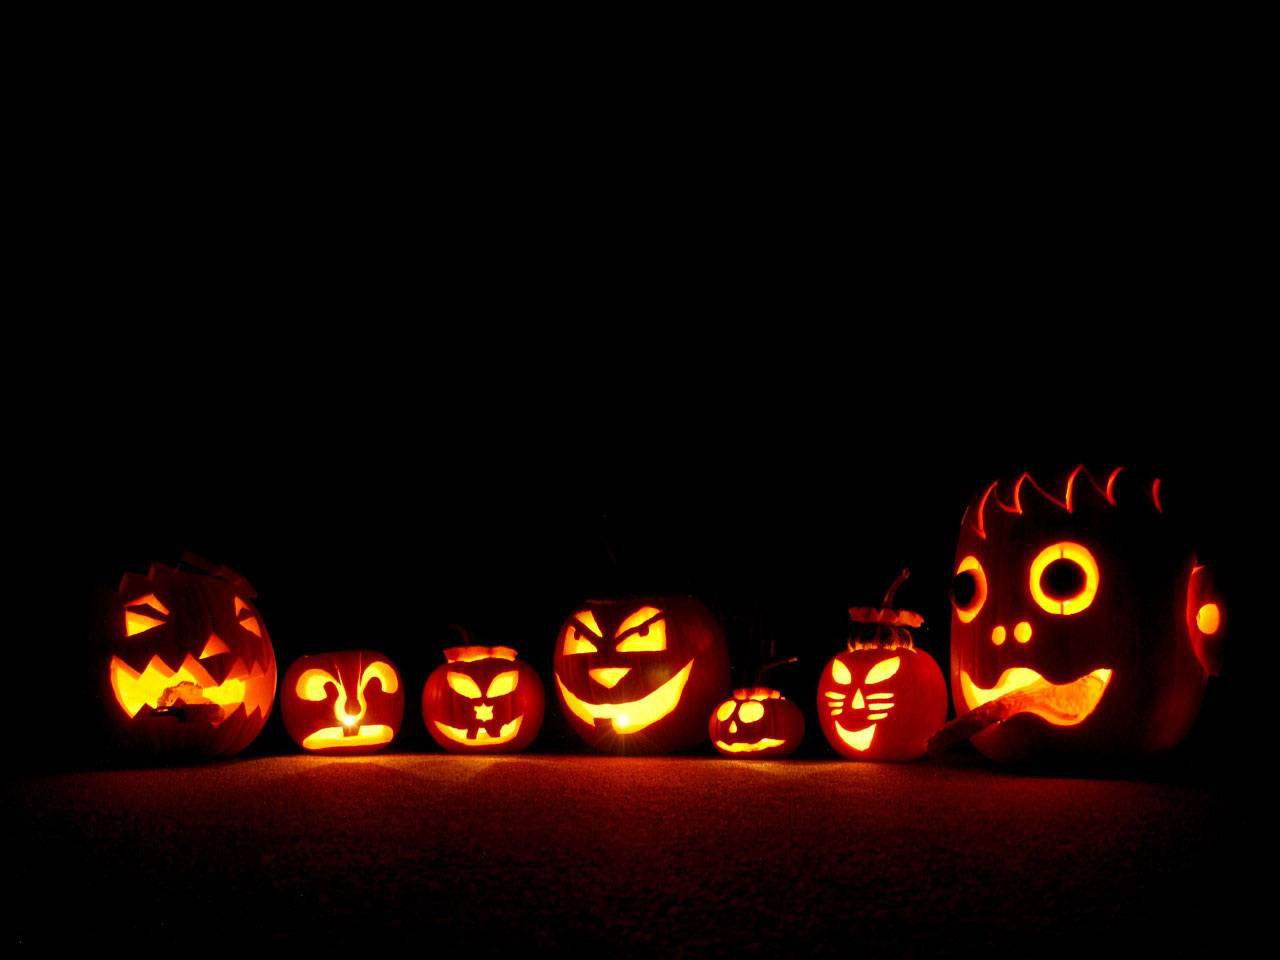 halloween free desktop wallpaper #1